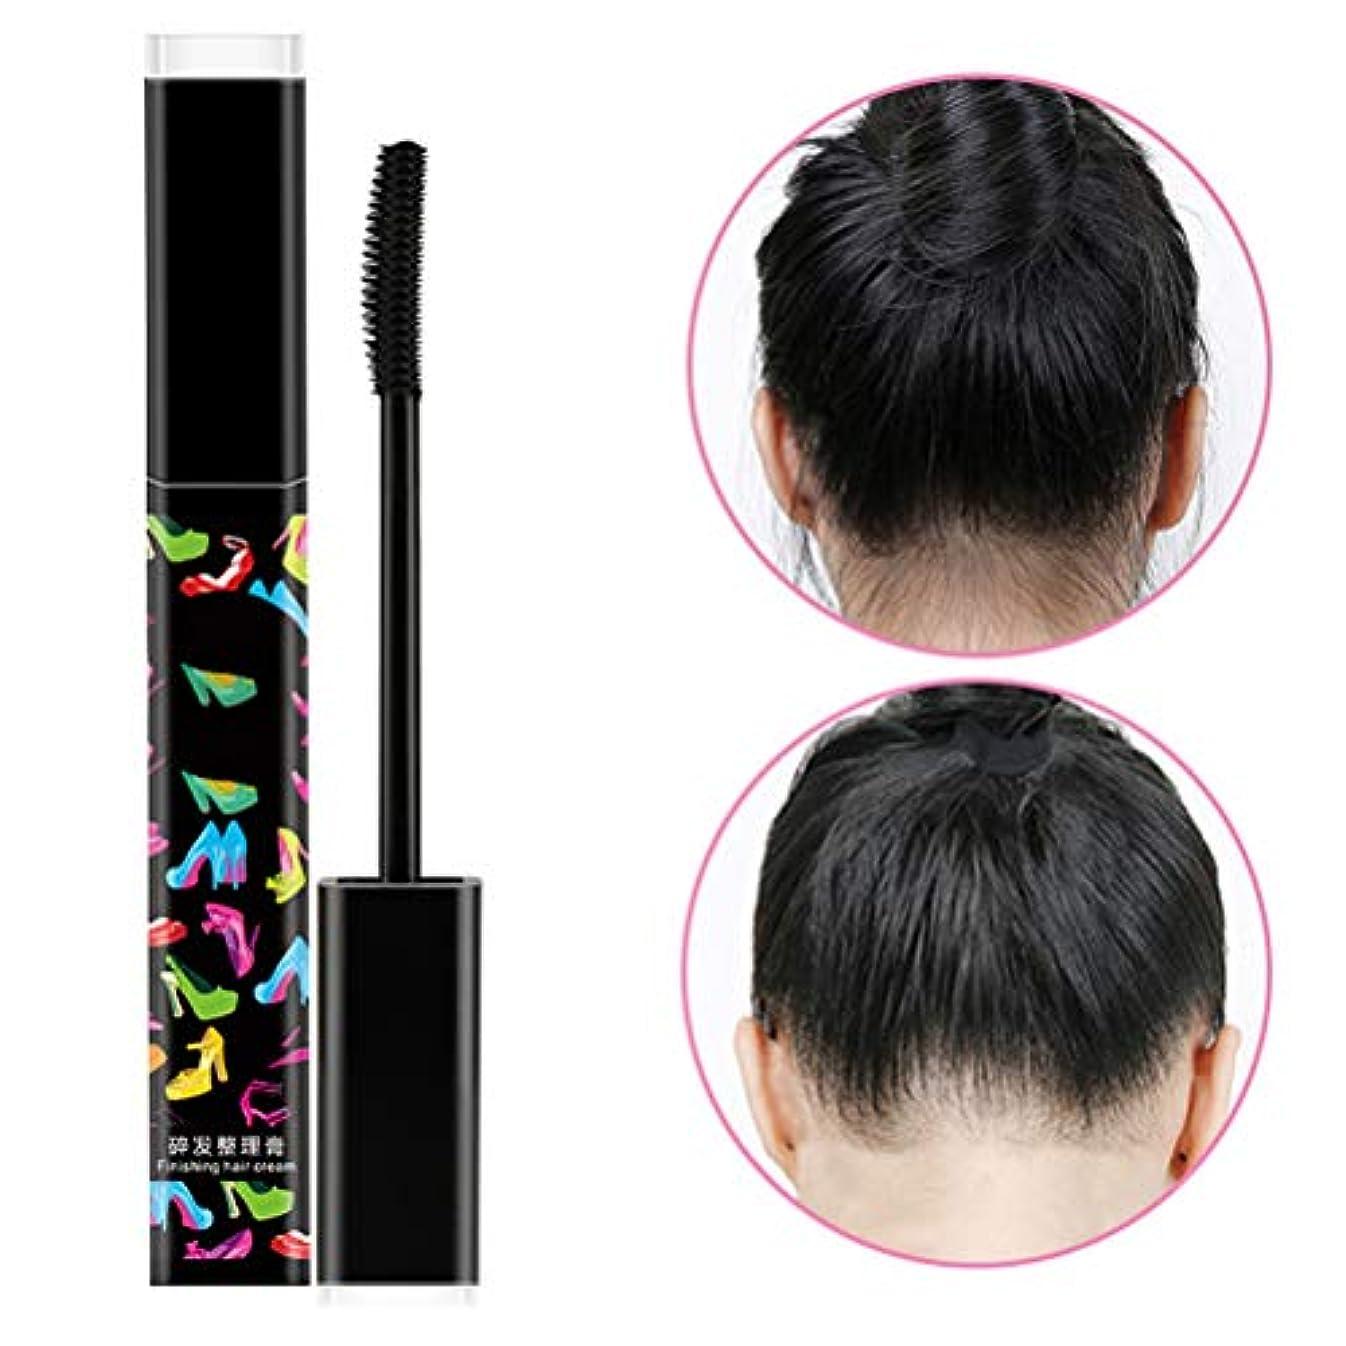 おめでとう自由前方へsupbel 美髪ワックス スタイリングクリーム ヘアスタイル 散髪整理 ハードワックス 髪固 保湿 ナチュラル オーガニック 長持ち 携帯便利 軽量 使用の簡単さ 高い光沢